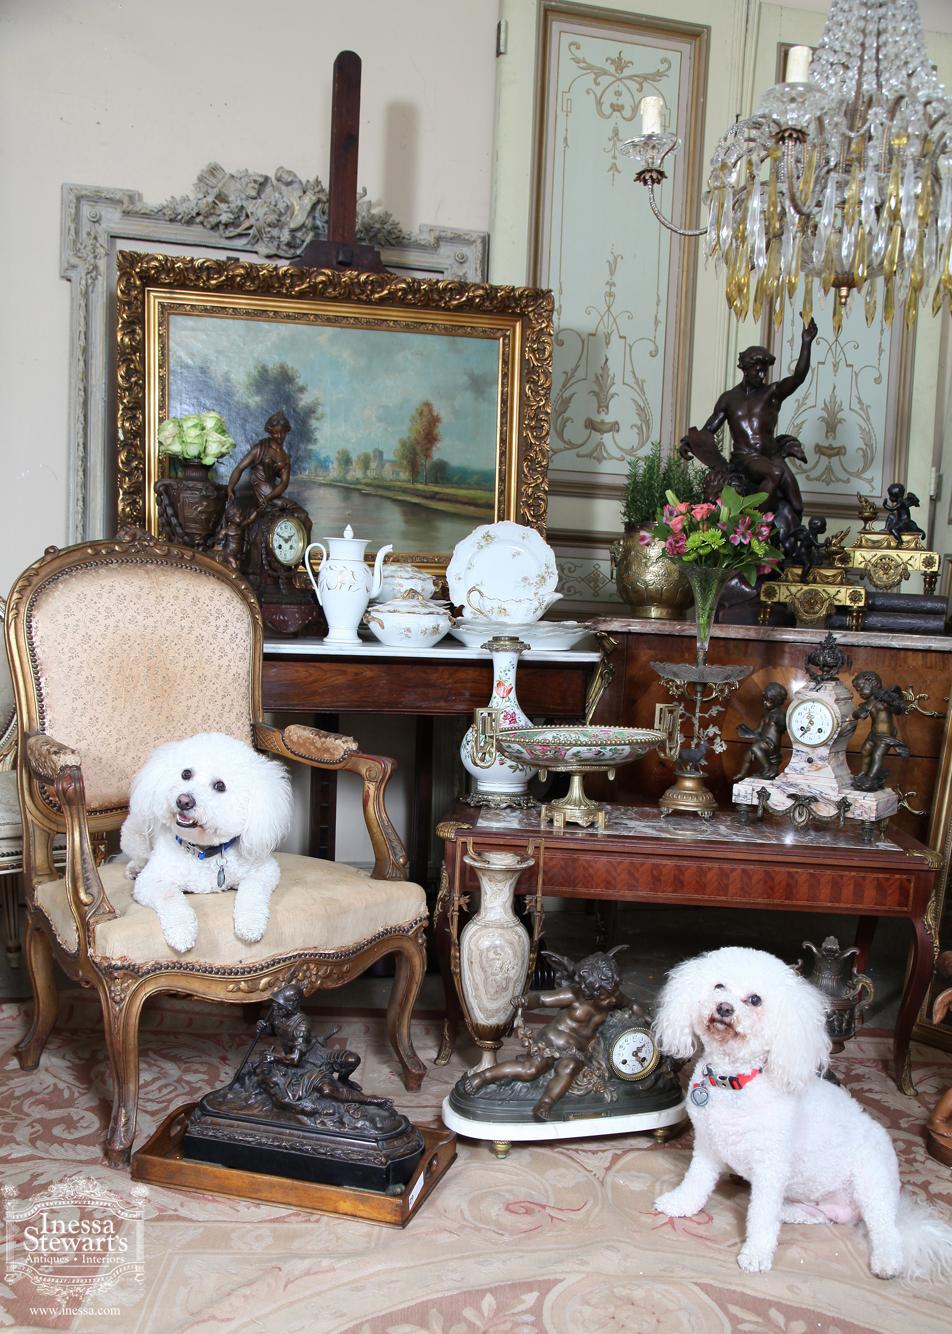 Antique furniture and antique Accessories - Antiques In Style - Antique Furniture Blog - Page 28 - Antique